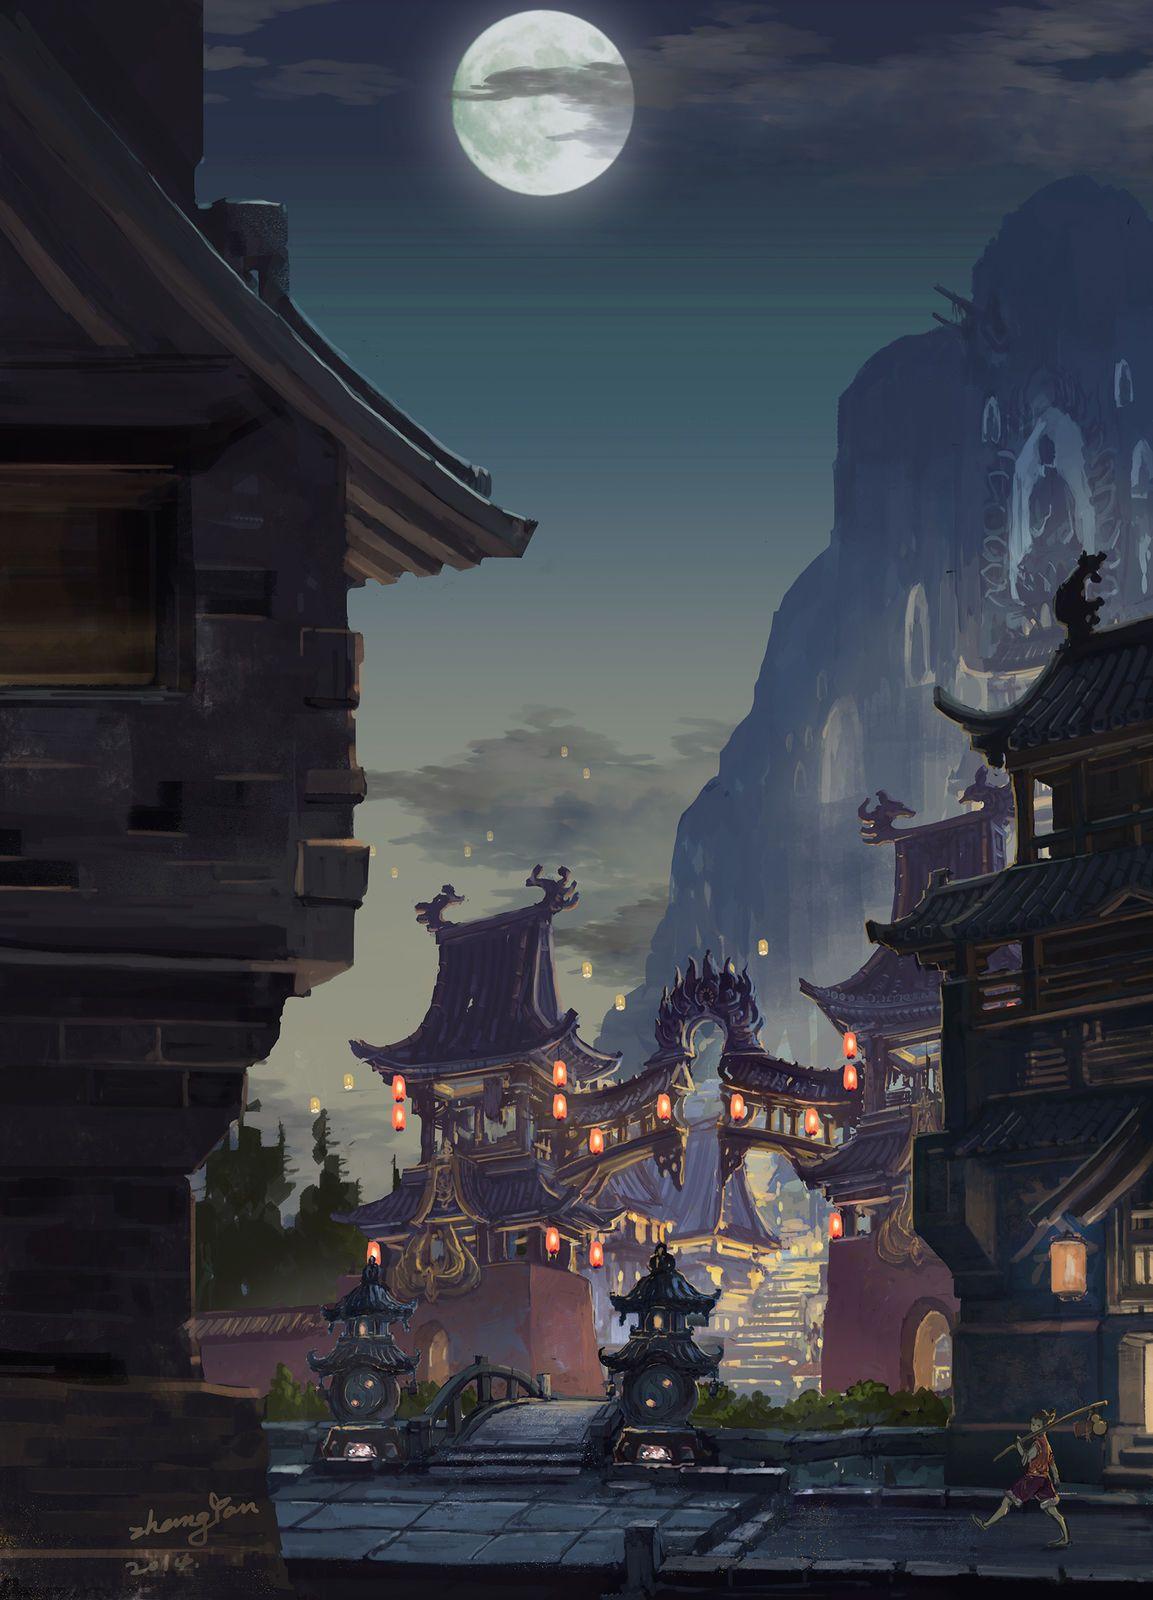 Asian fantasy story